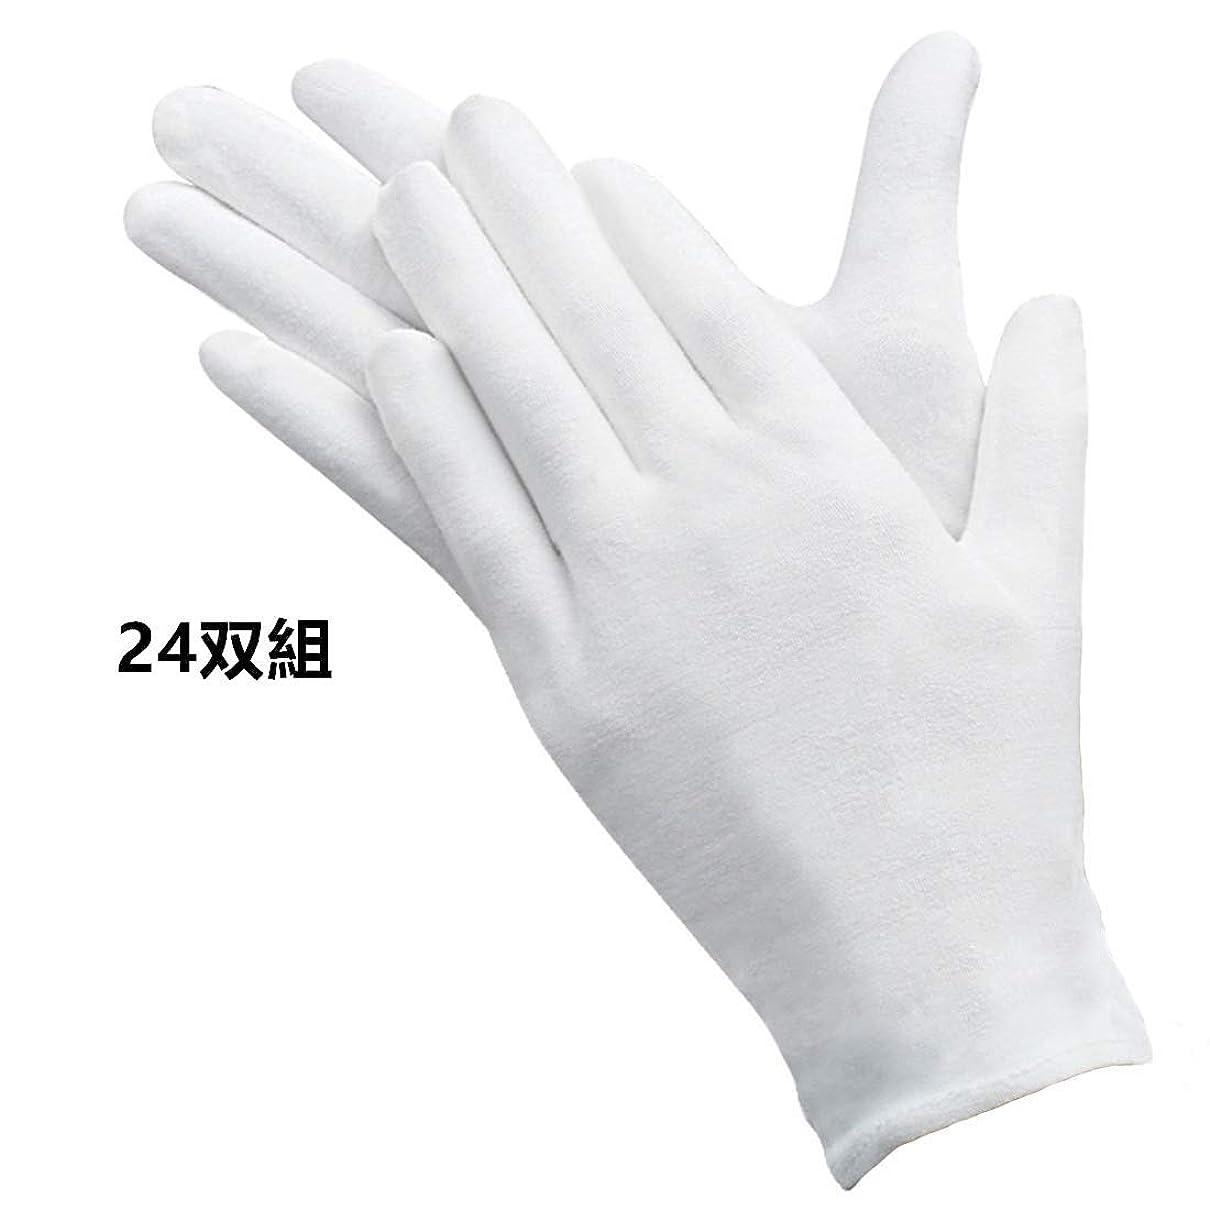 マスタードすり減る政令winkong 綿手袋 コットン手袋 純綿100% 24双組入り ホワイト 白手袋 メンズ 手袋 レディース 手荒れ防止 おやすみ 湿疹用 乾燥肌用 保湿用 礼装用 作業用